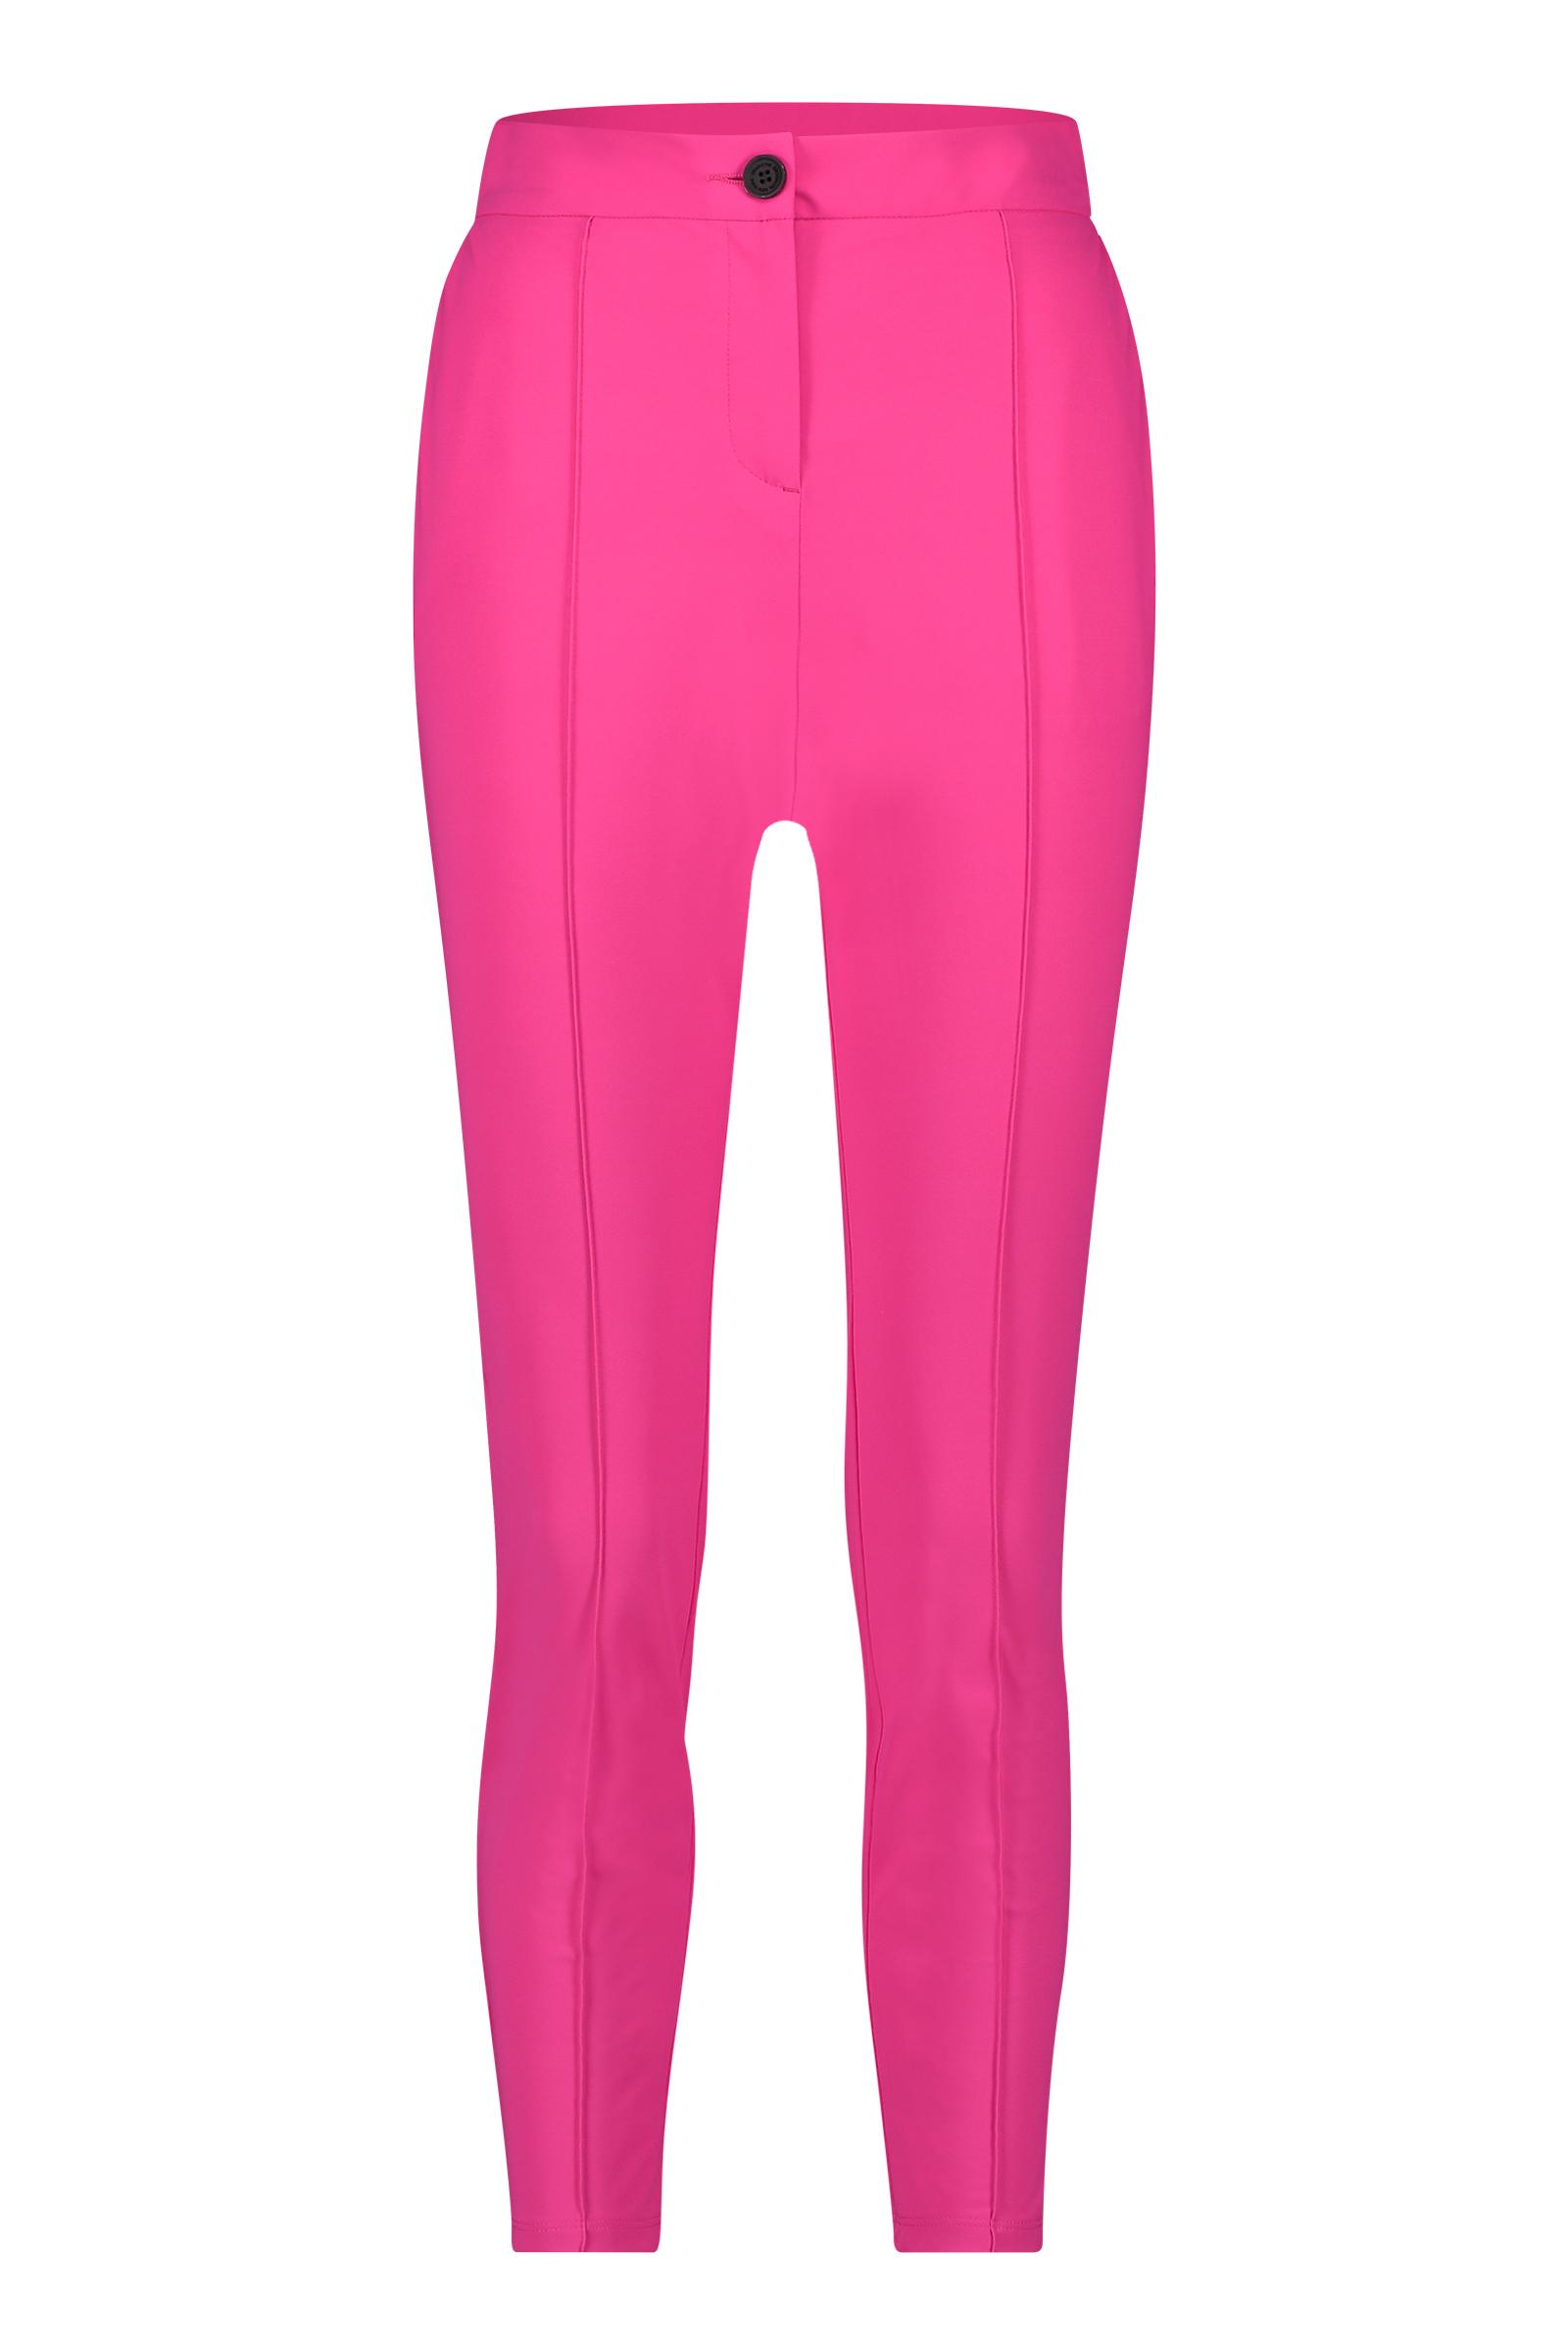 Roze dames broek Penn&Ink - S20N732LTD Shocking pink/black